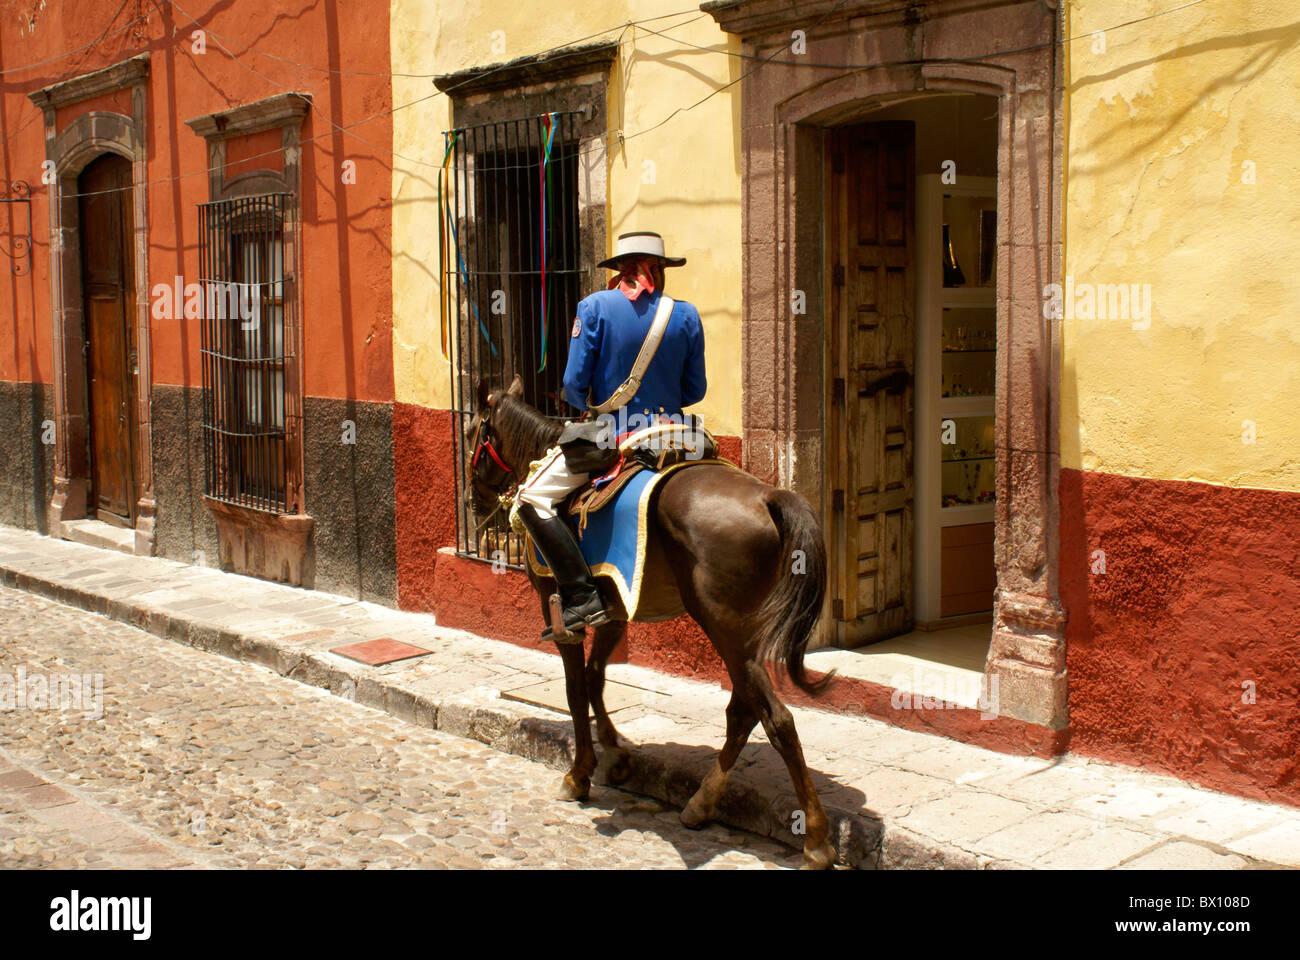 Spanische Polizisten in der traditionellen Tracht patrouillieren, um eine Straße in San Miguel de Allende, Stockbild